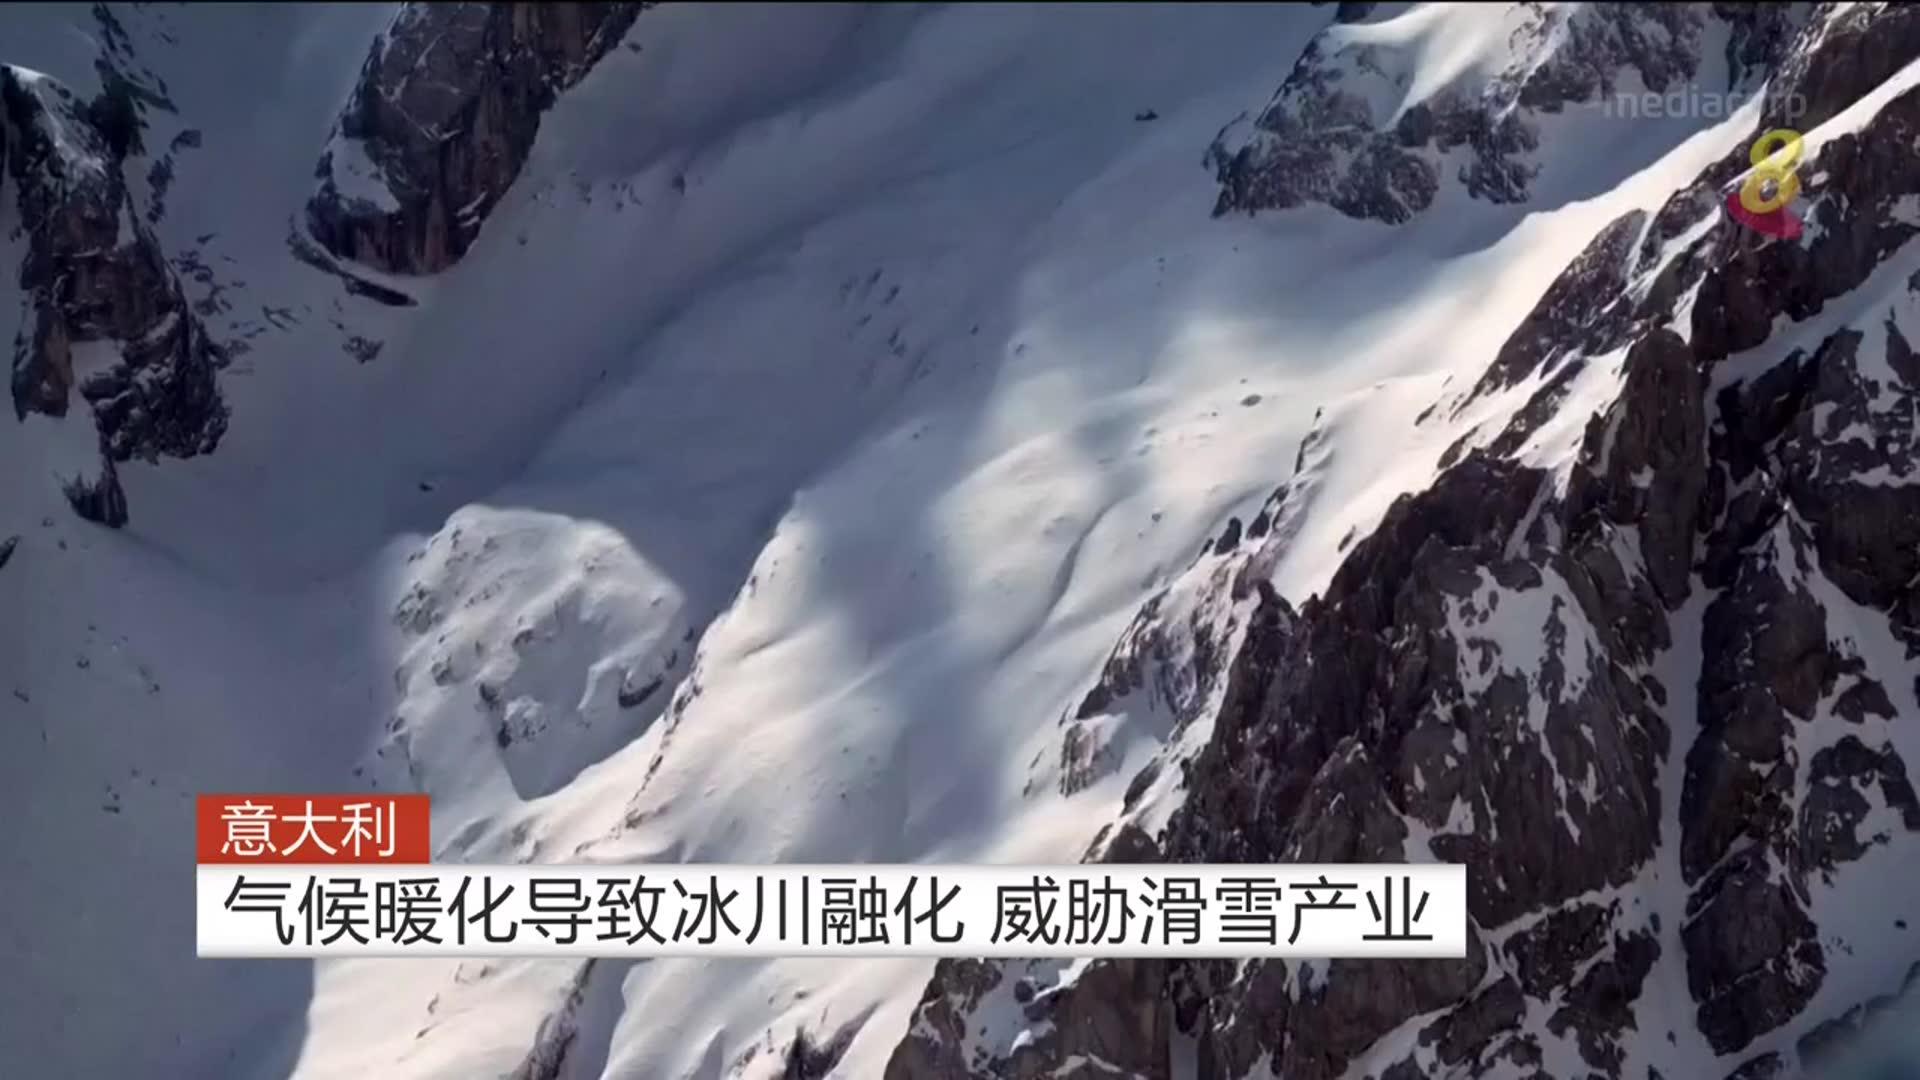 意大利气候暖化导致冰川融化 威胁滑雪产业